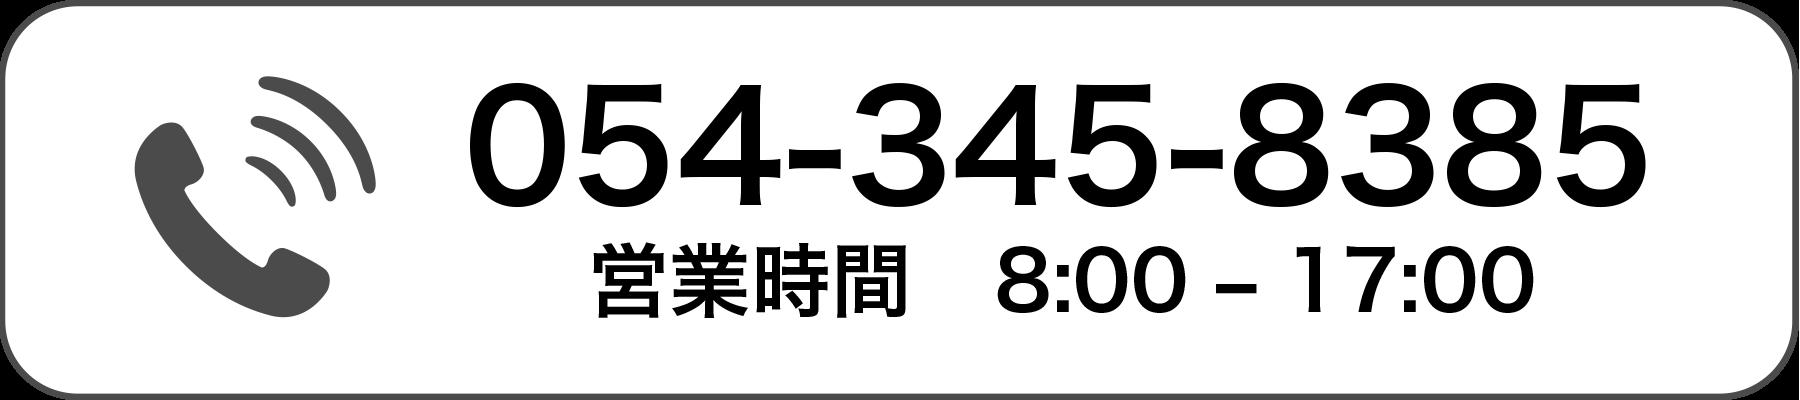 株式会社髙橋ボデー